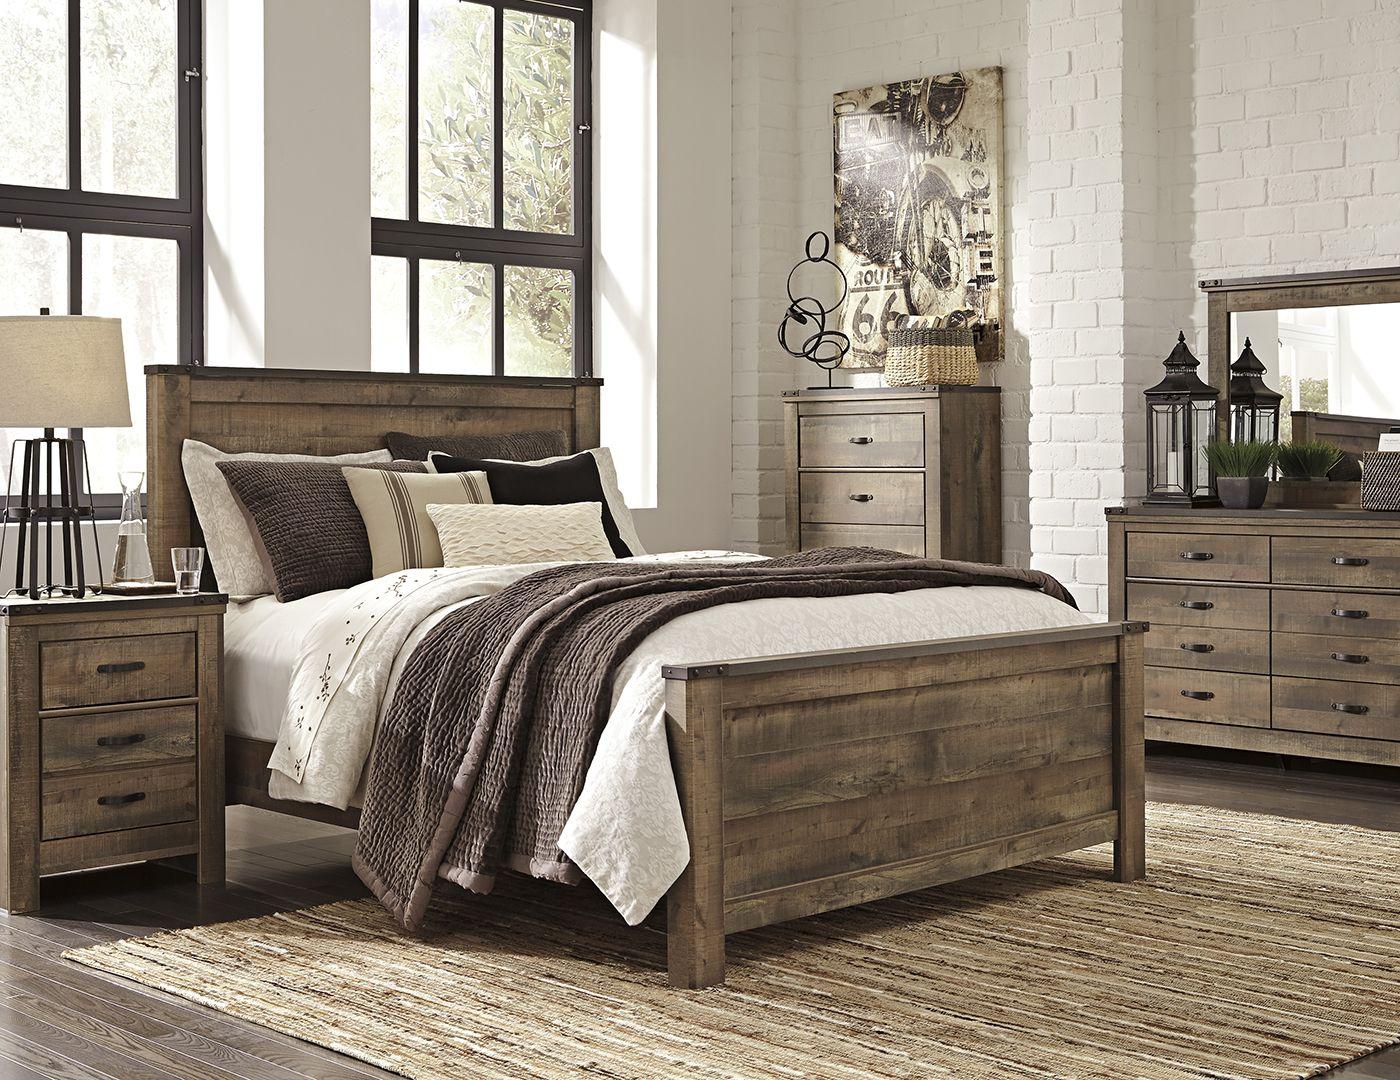 trinell king panel bed in 2018 master bedroom pinterest rh pinterest com Farmhouse Dresser white farmhouse king bedroom set